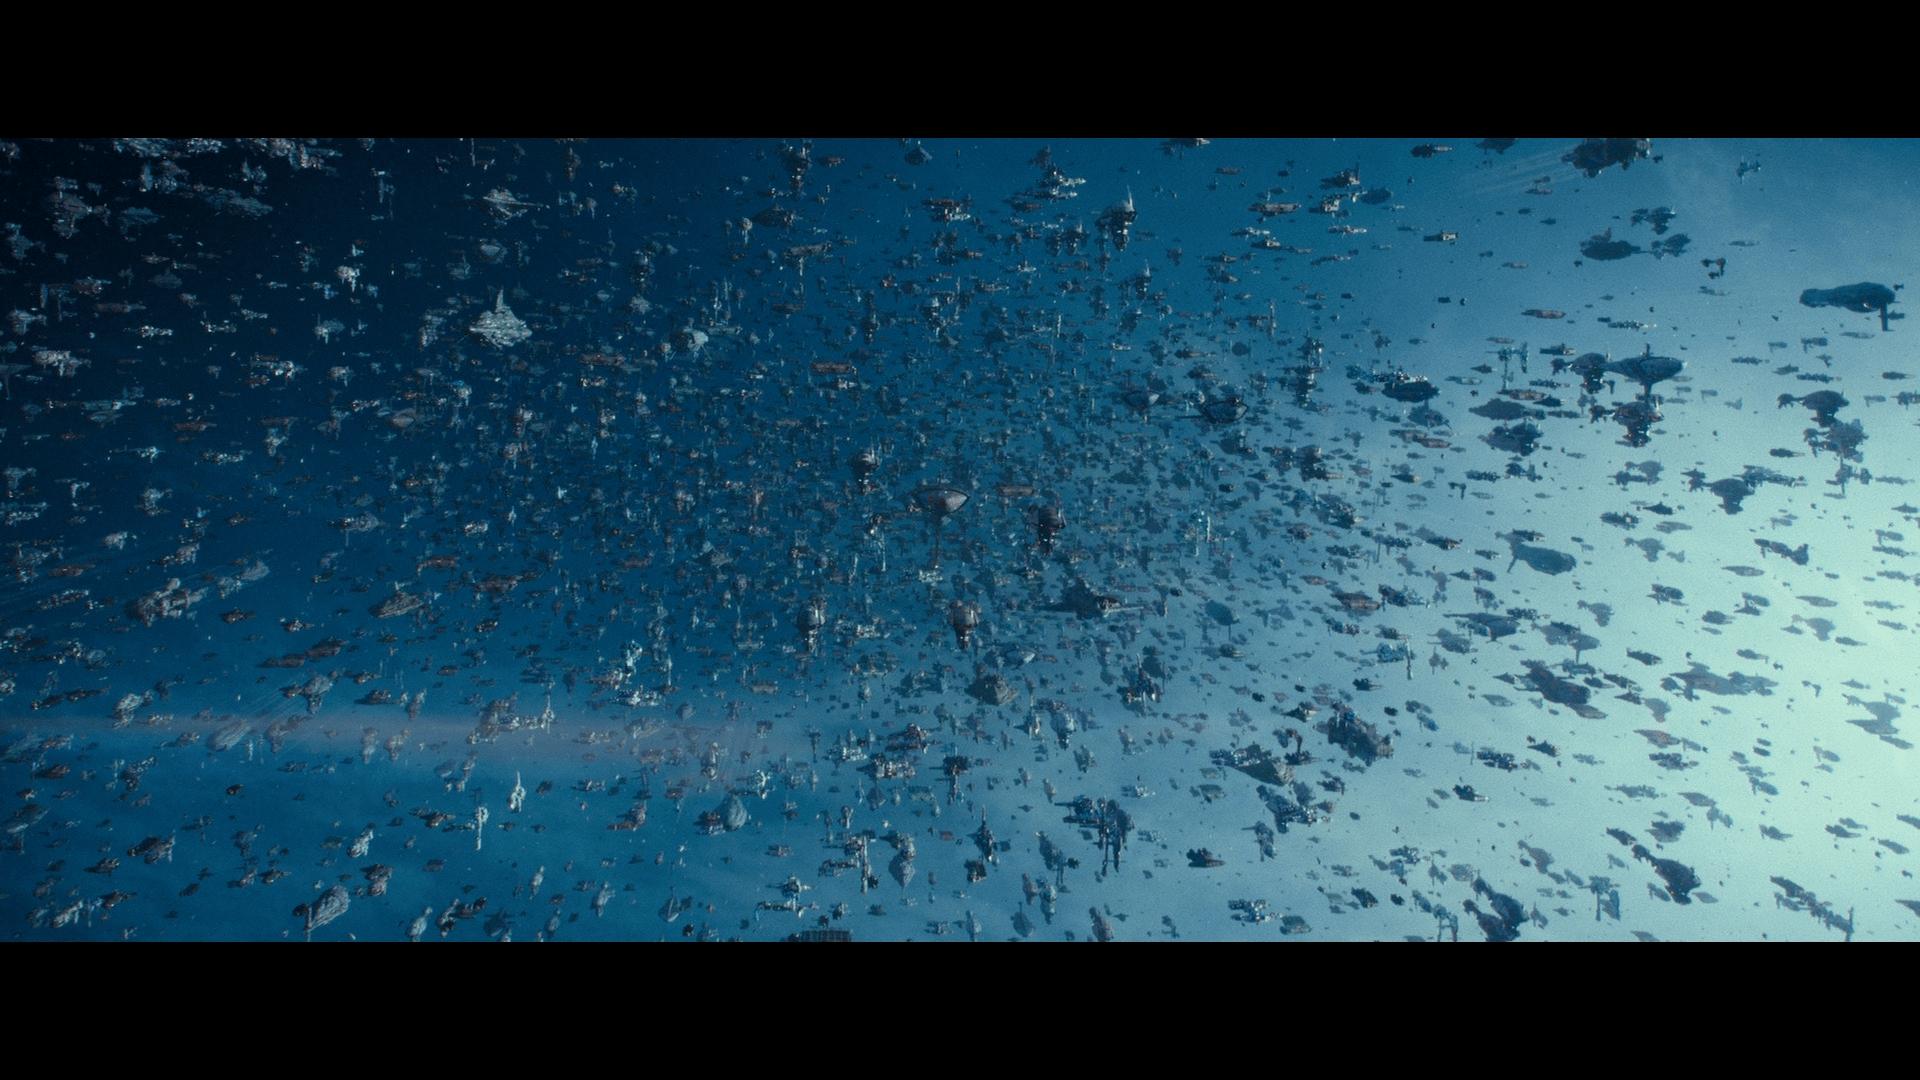 Rise of Skywalker all the damn ships